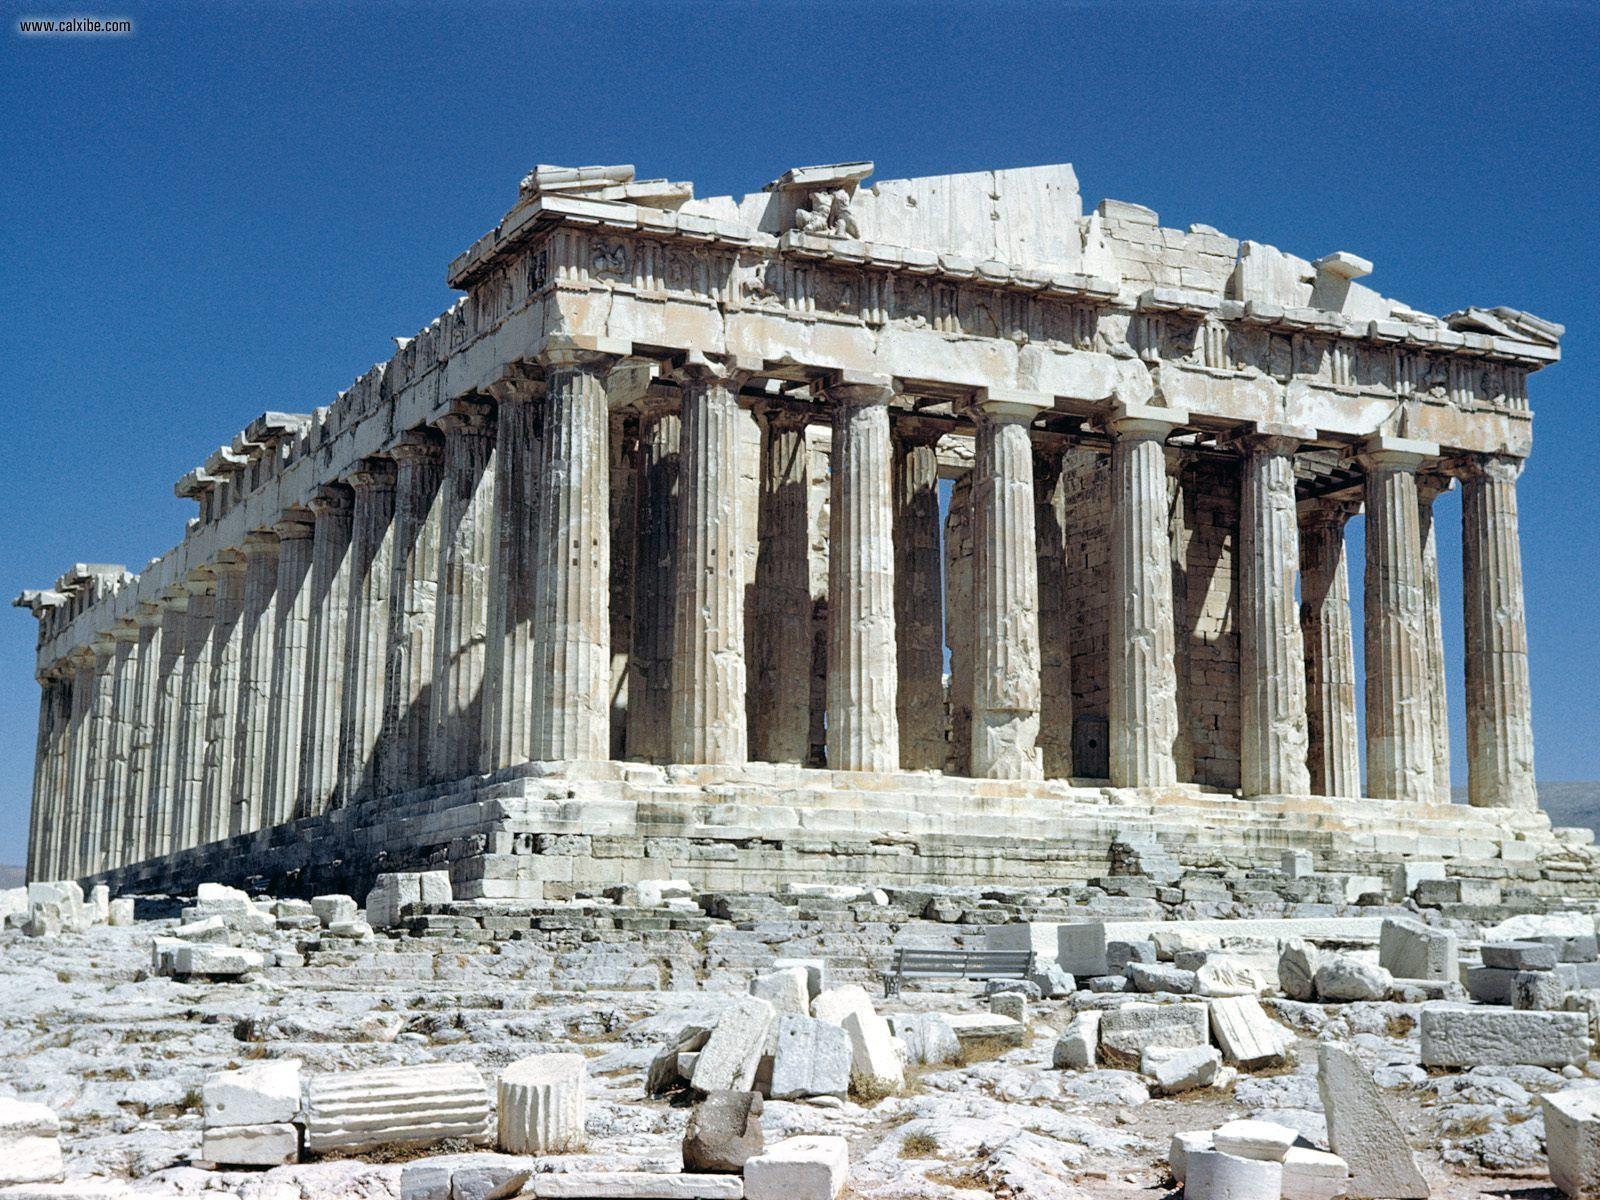 hook up Athene Griekenland tee shirt regels voor dating mijn dochter